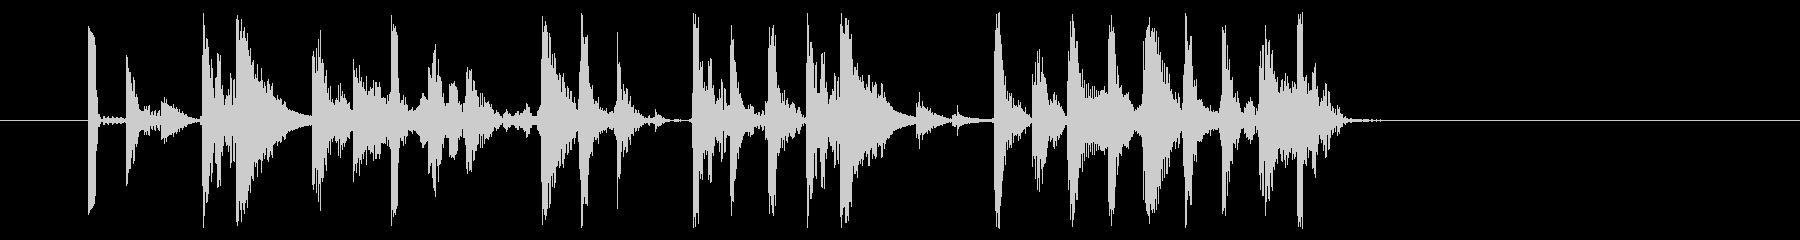 ポップなドラムのサウンドロゴ、ジングルの未再生の波形